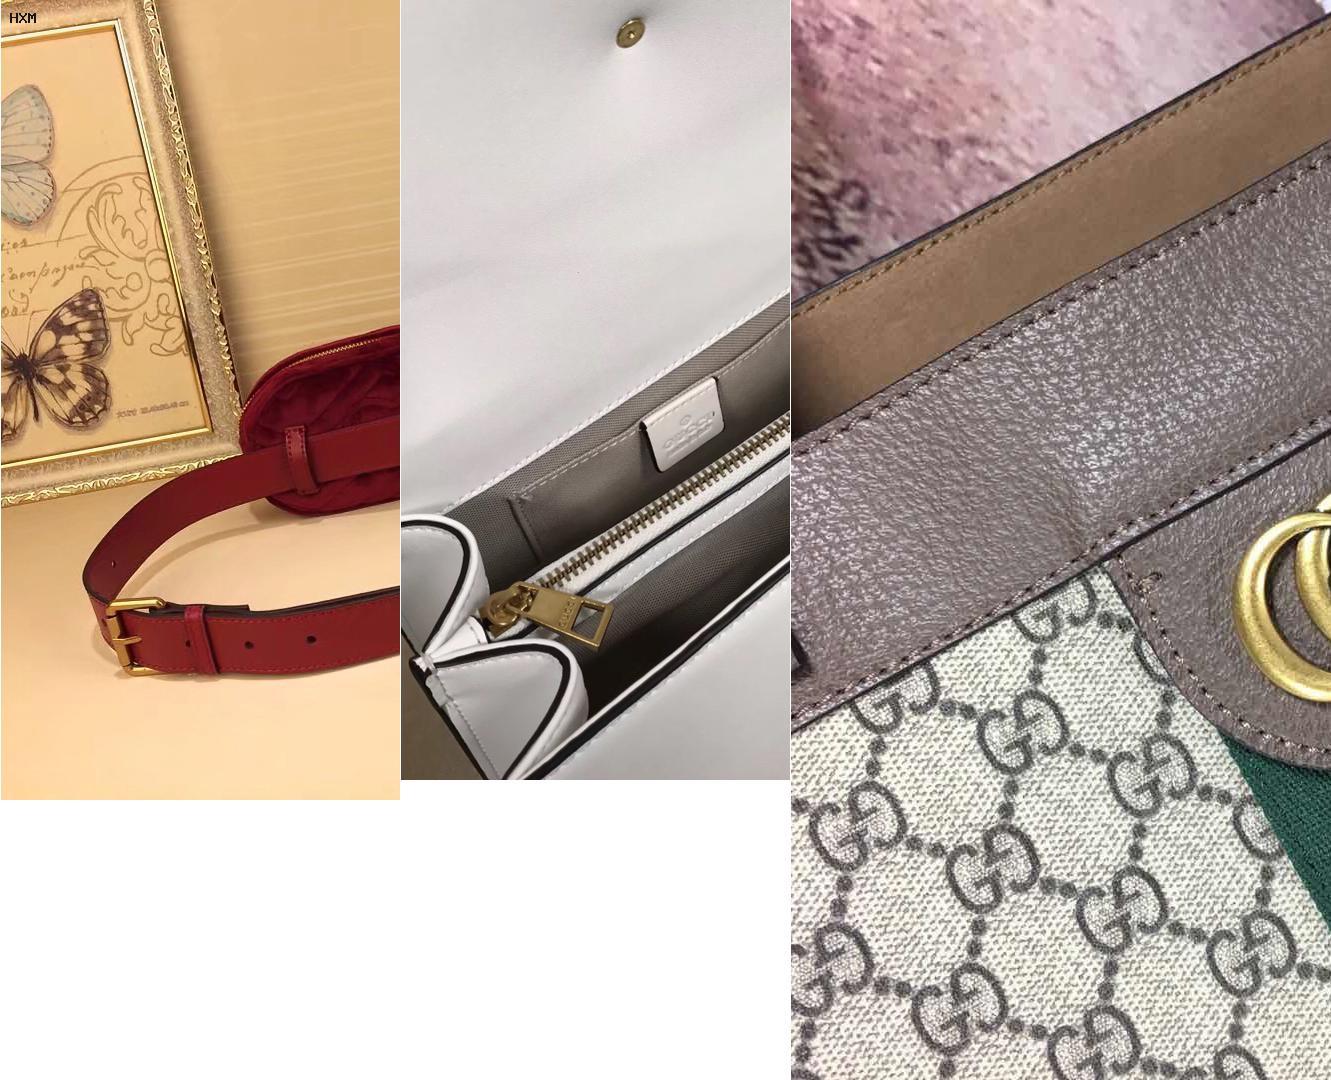 handtaschen marken gucci